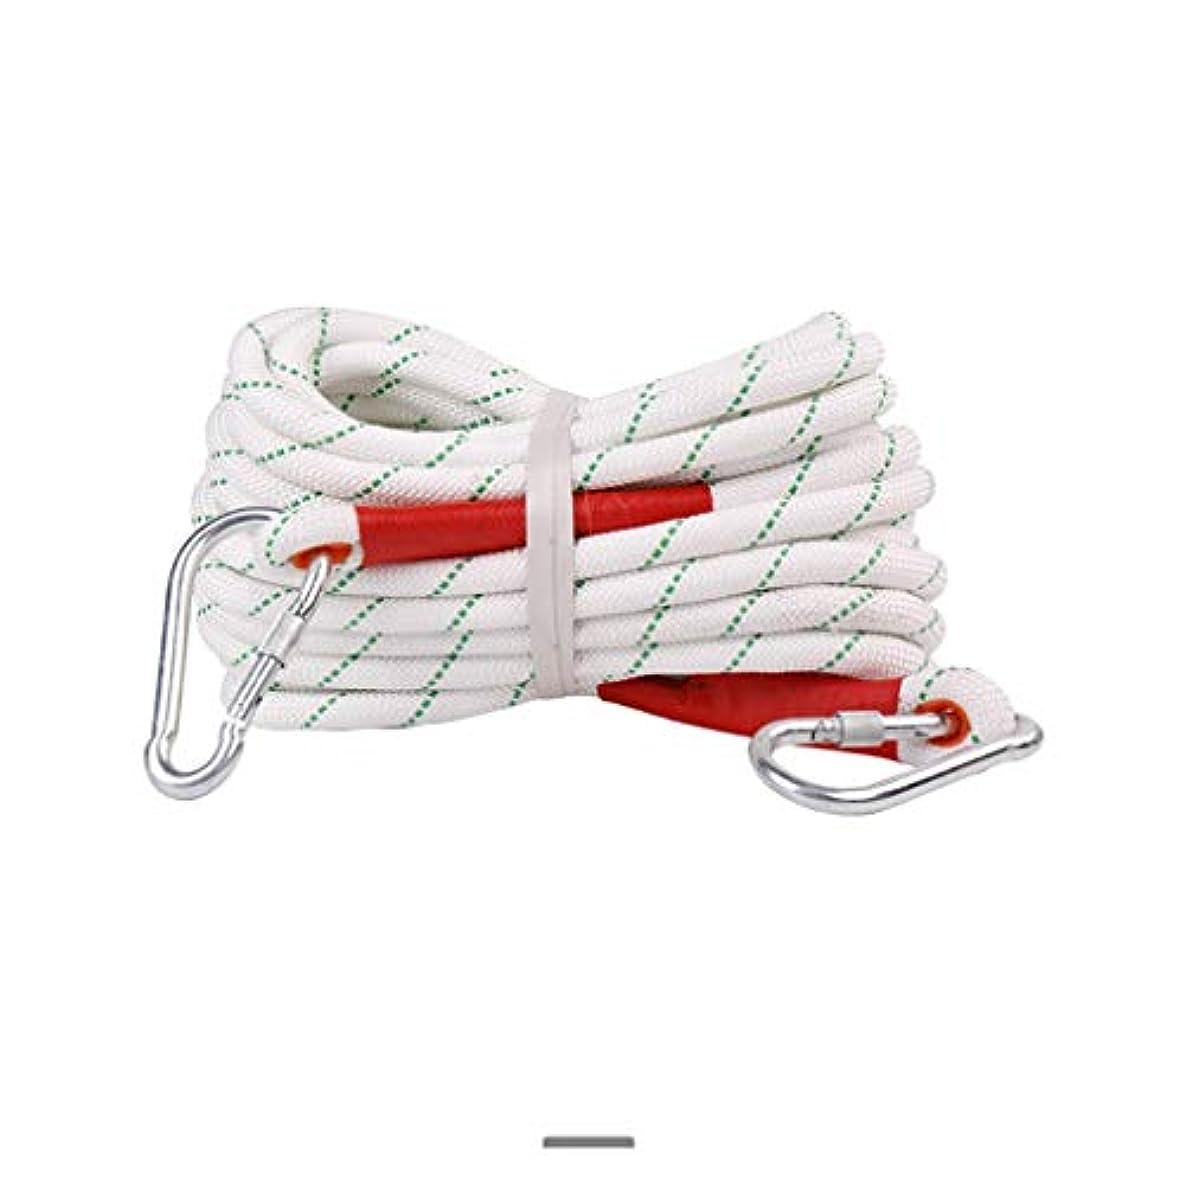 ログ国家古代クライミングロープ ポリエステル製ホワイトレスキューロープ、マルチサイズのオプションの直径20mmの安全ロープ、耐摩耗性ポリプロピレン屋外ロープ付き (色 : 18mm-60m)